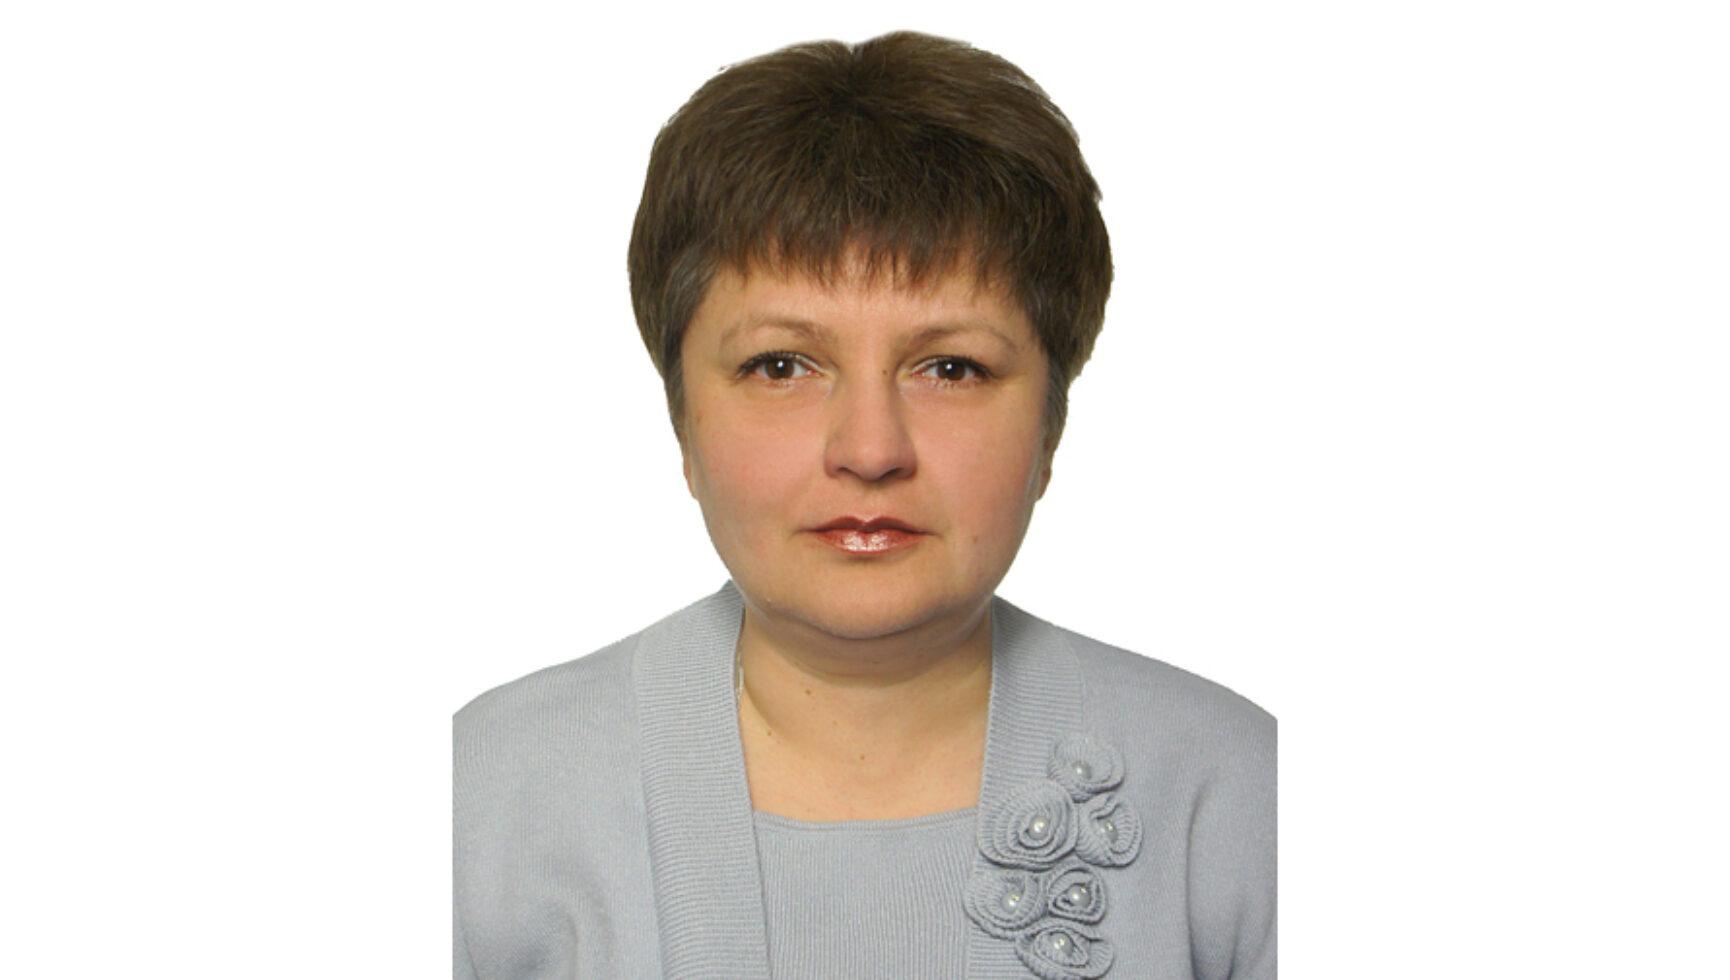 Поздравляем Шерер Ирину Владимировна, главу администрации муниципального образования Яснополянское Щекинского района, с Днем рождения!